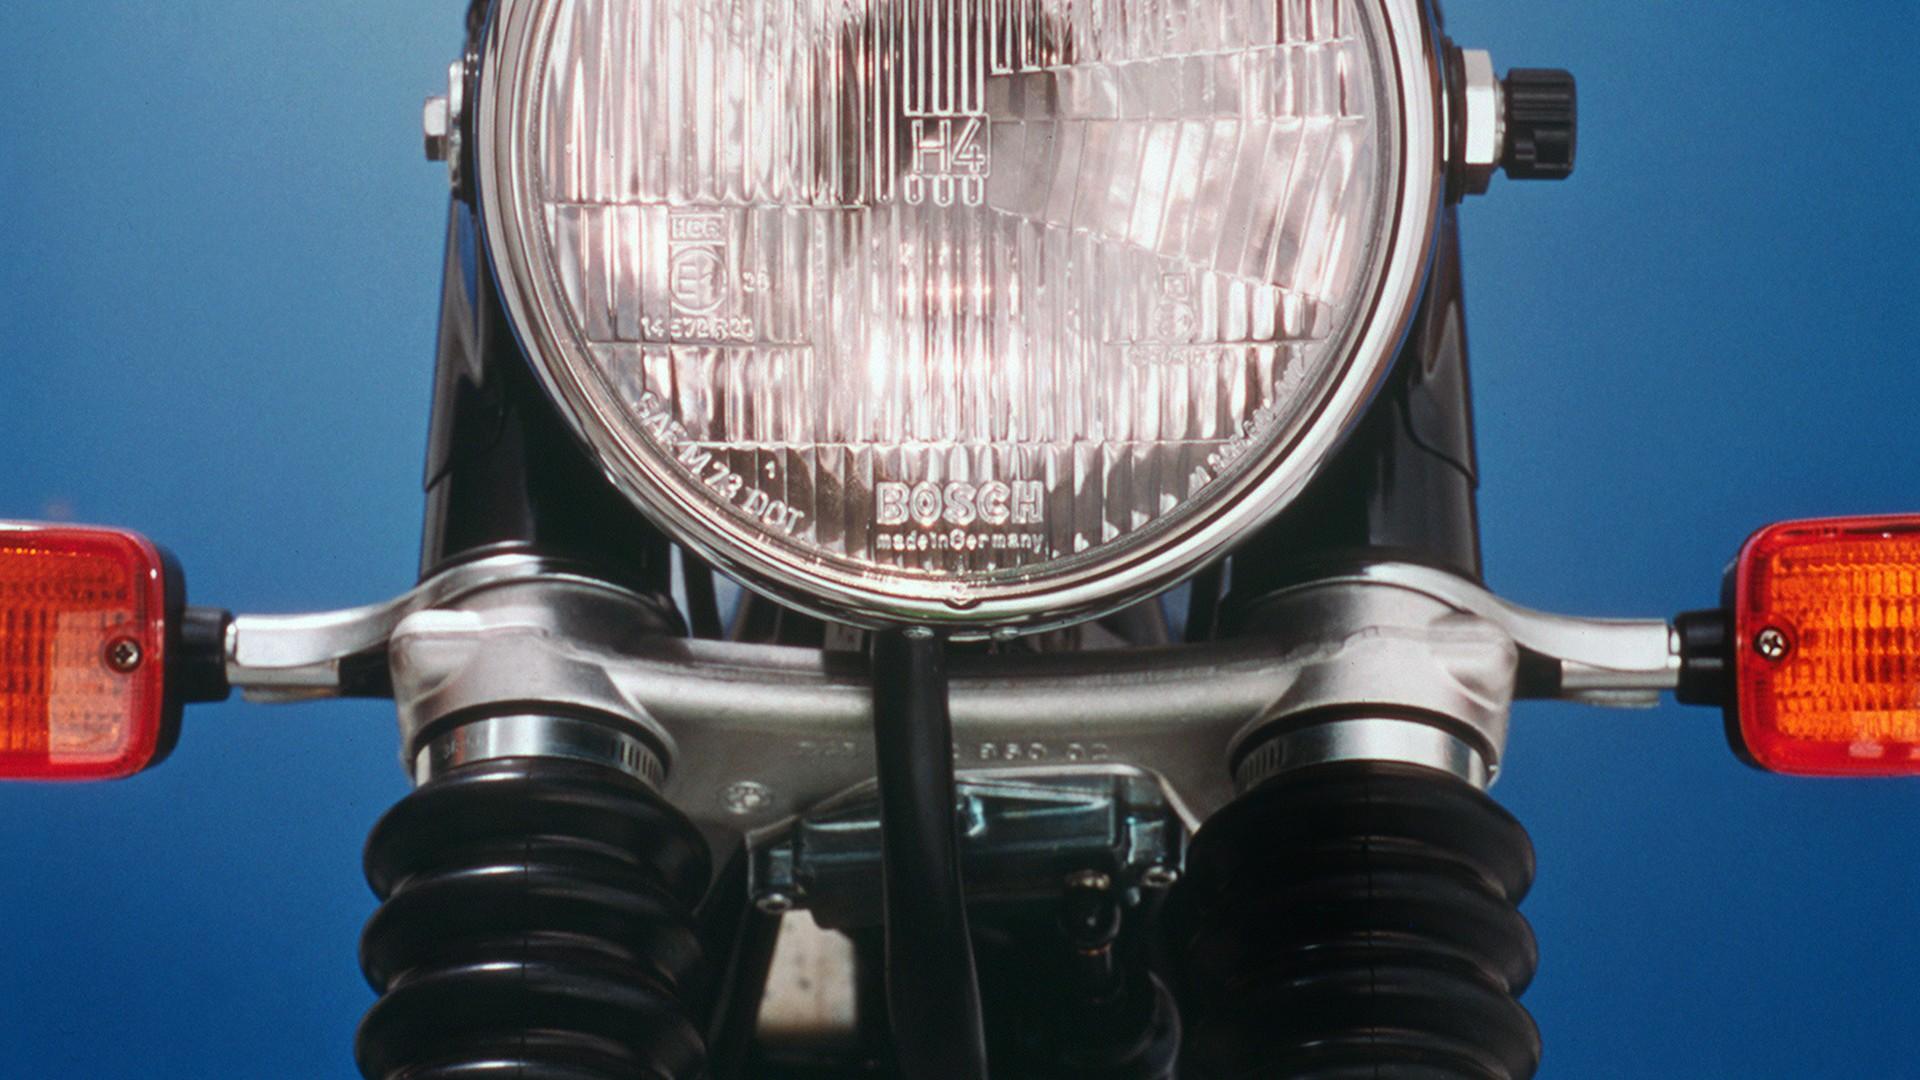 1977 рік - перша система попереджувальних сигналів для мотоциклів